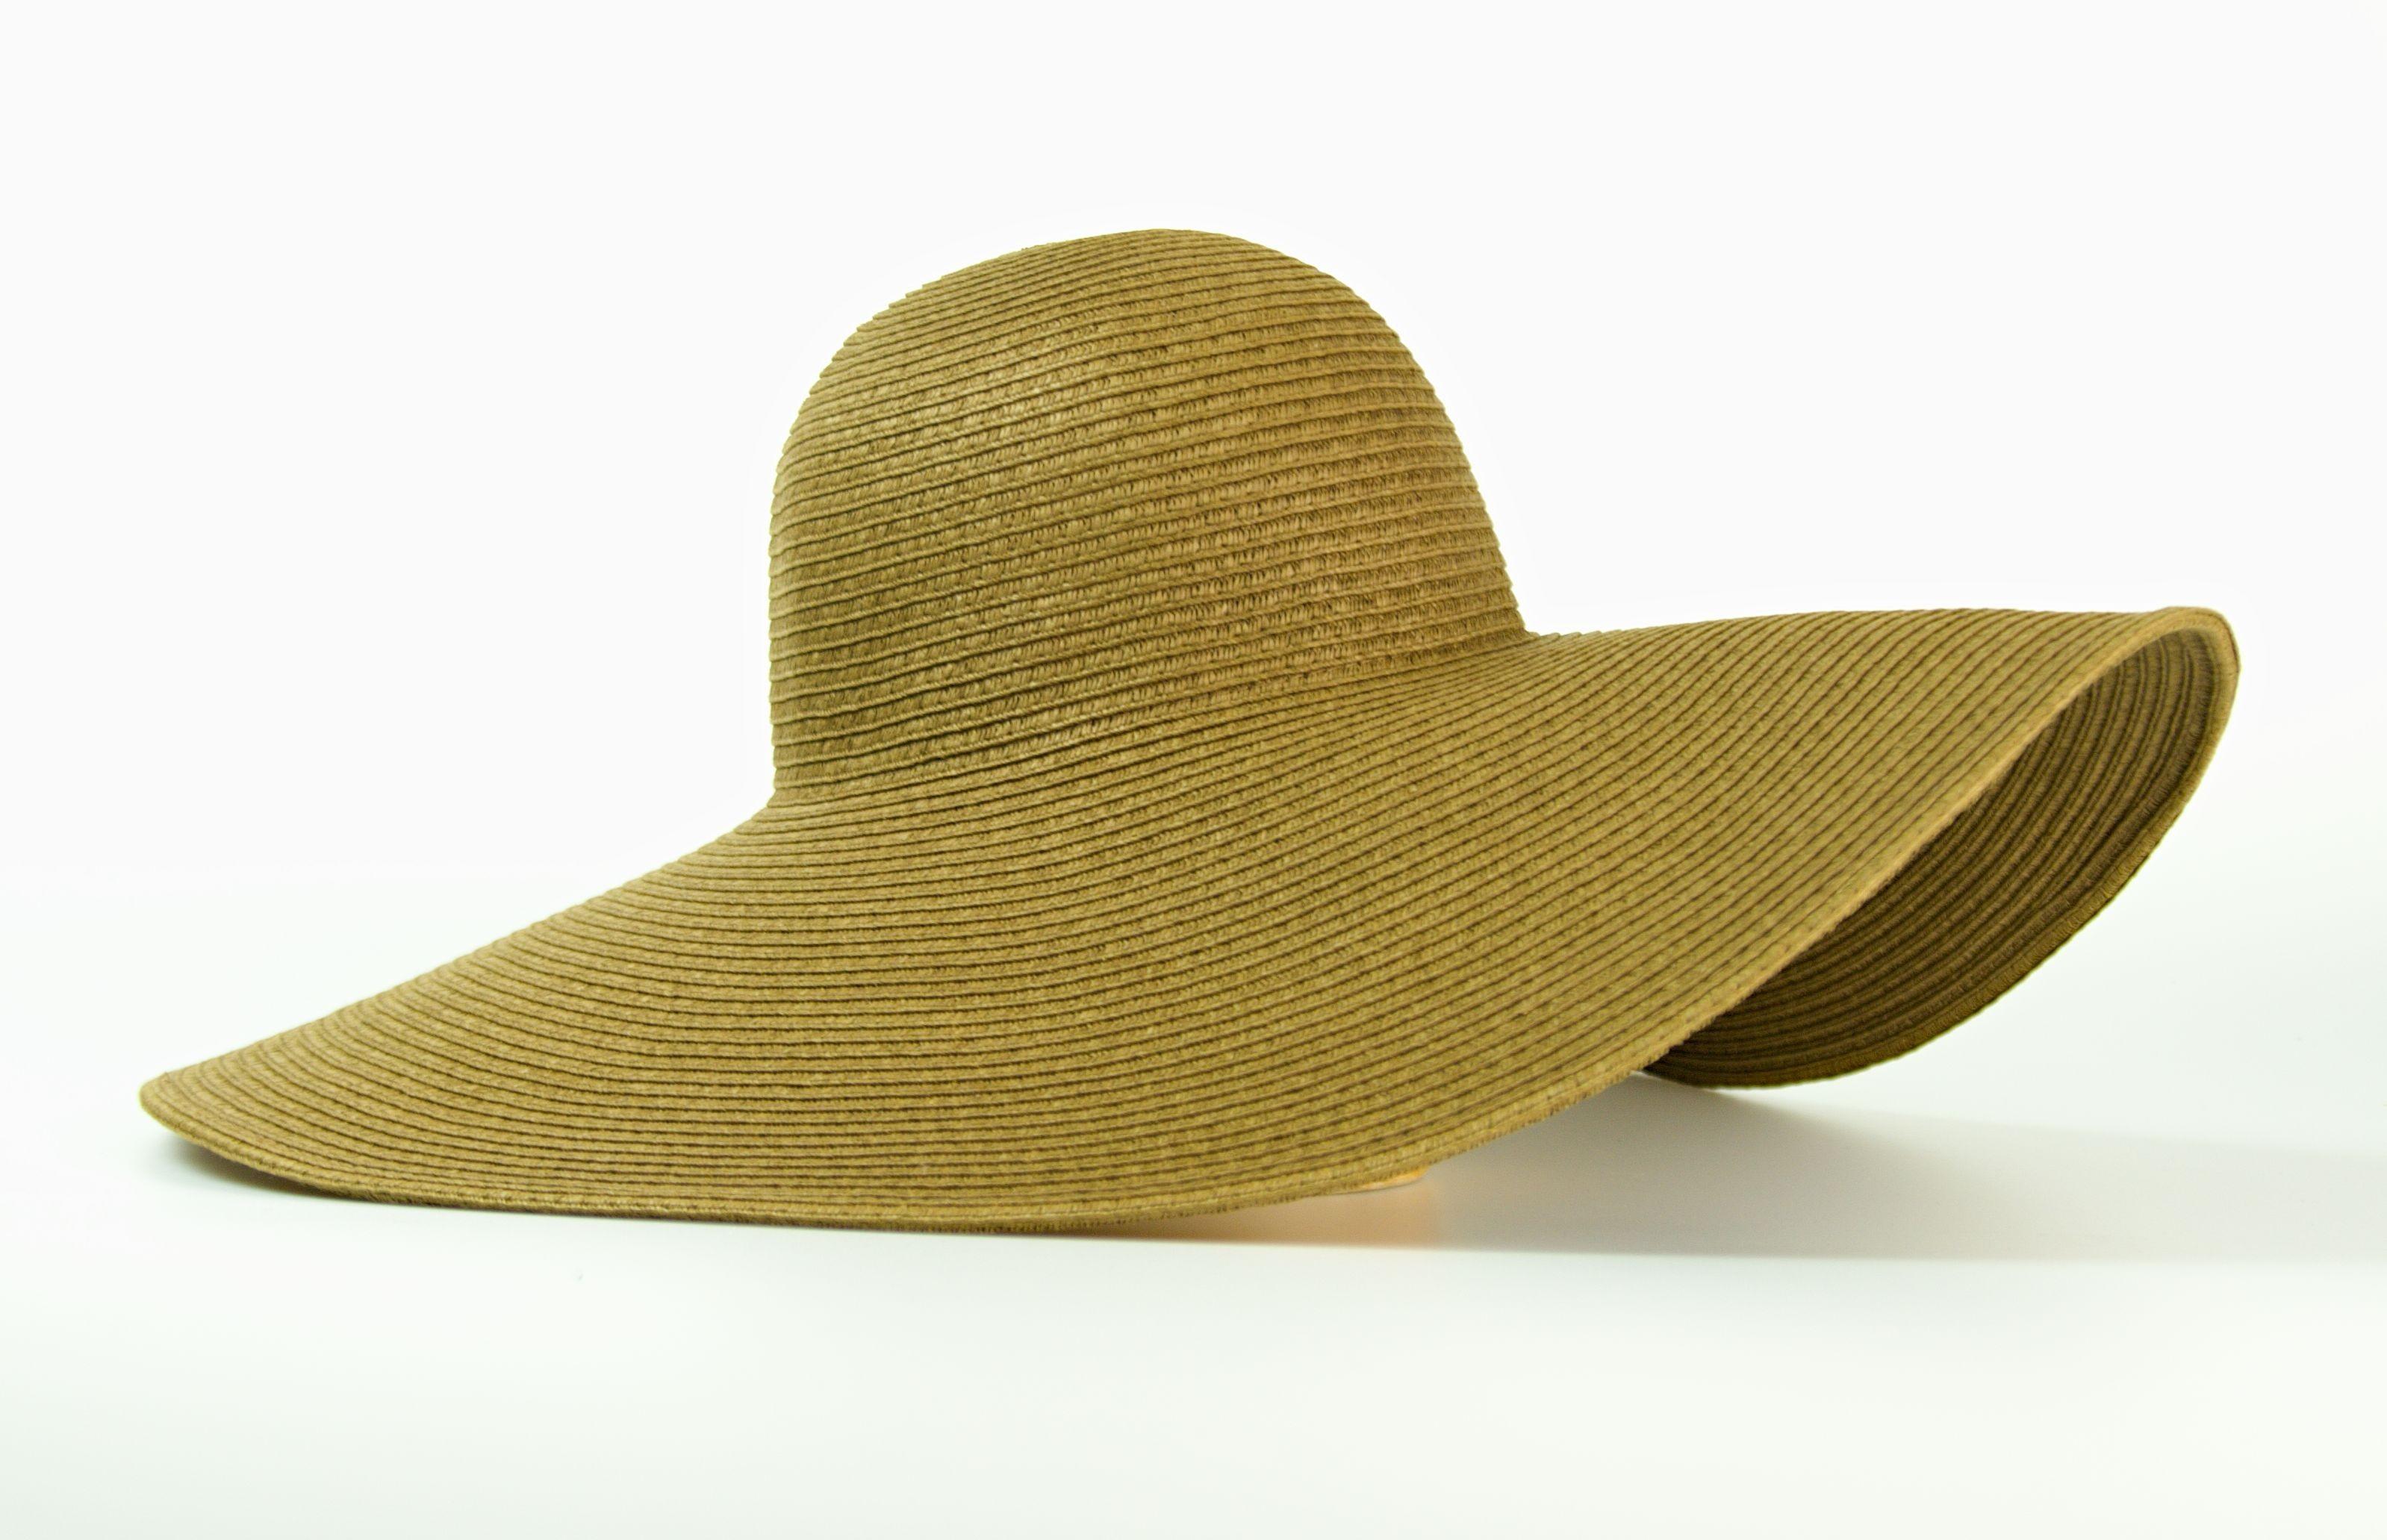 Dámský klobouk se širokou krempou